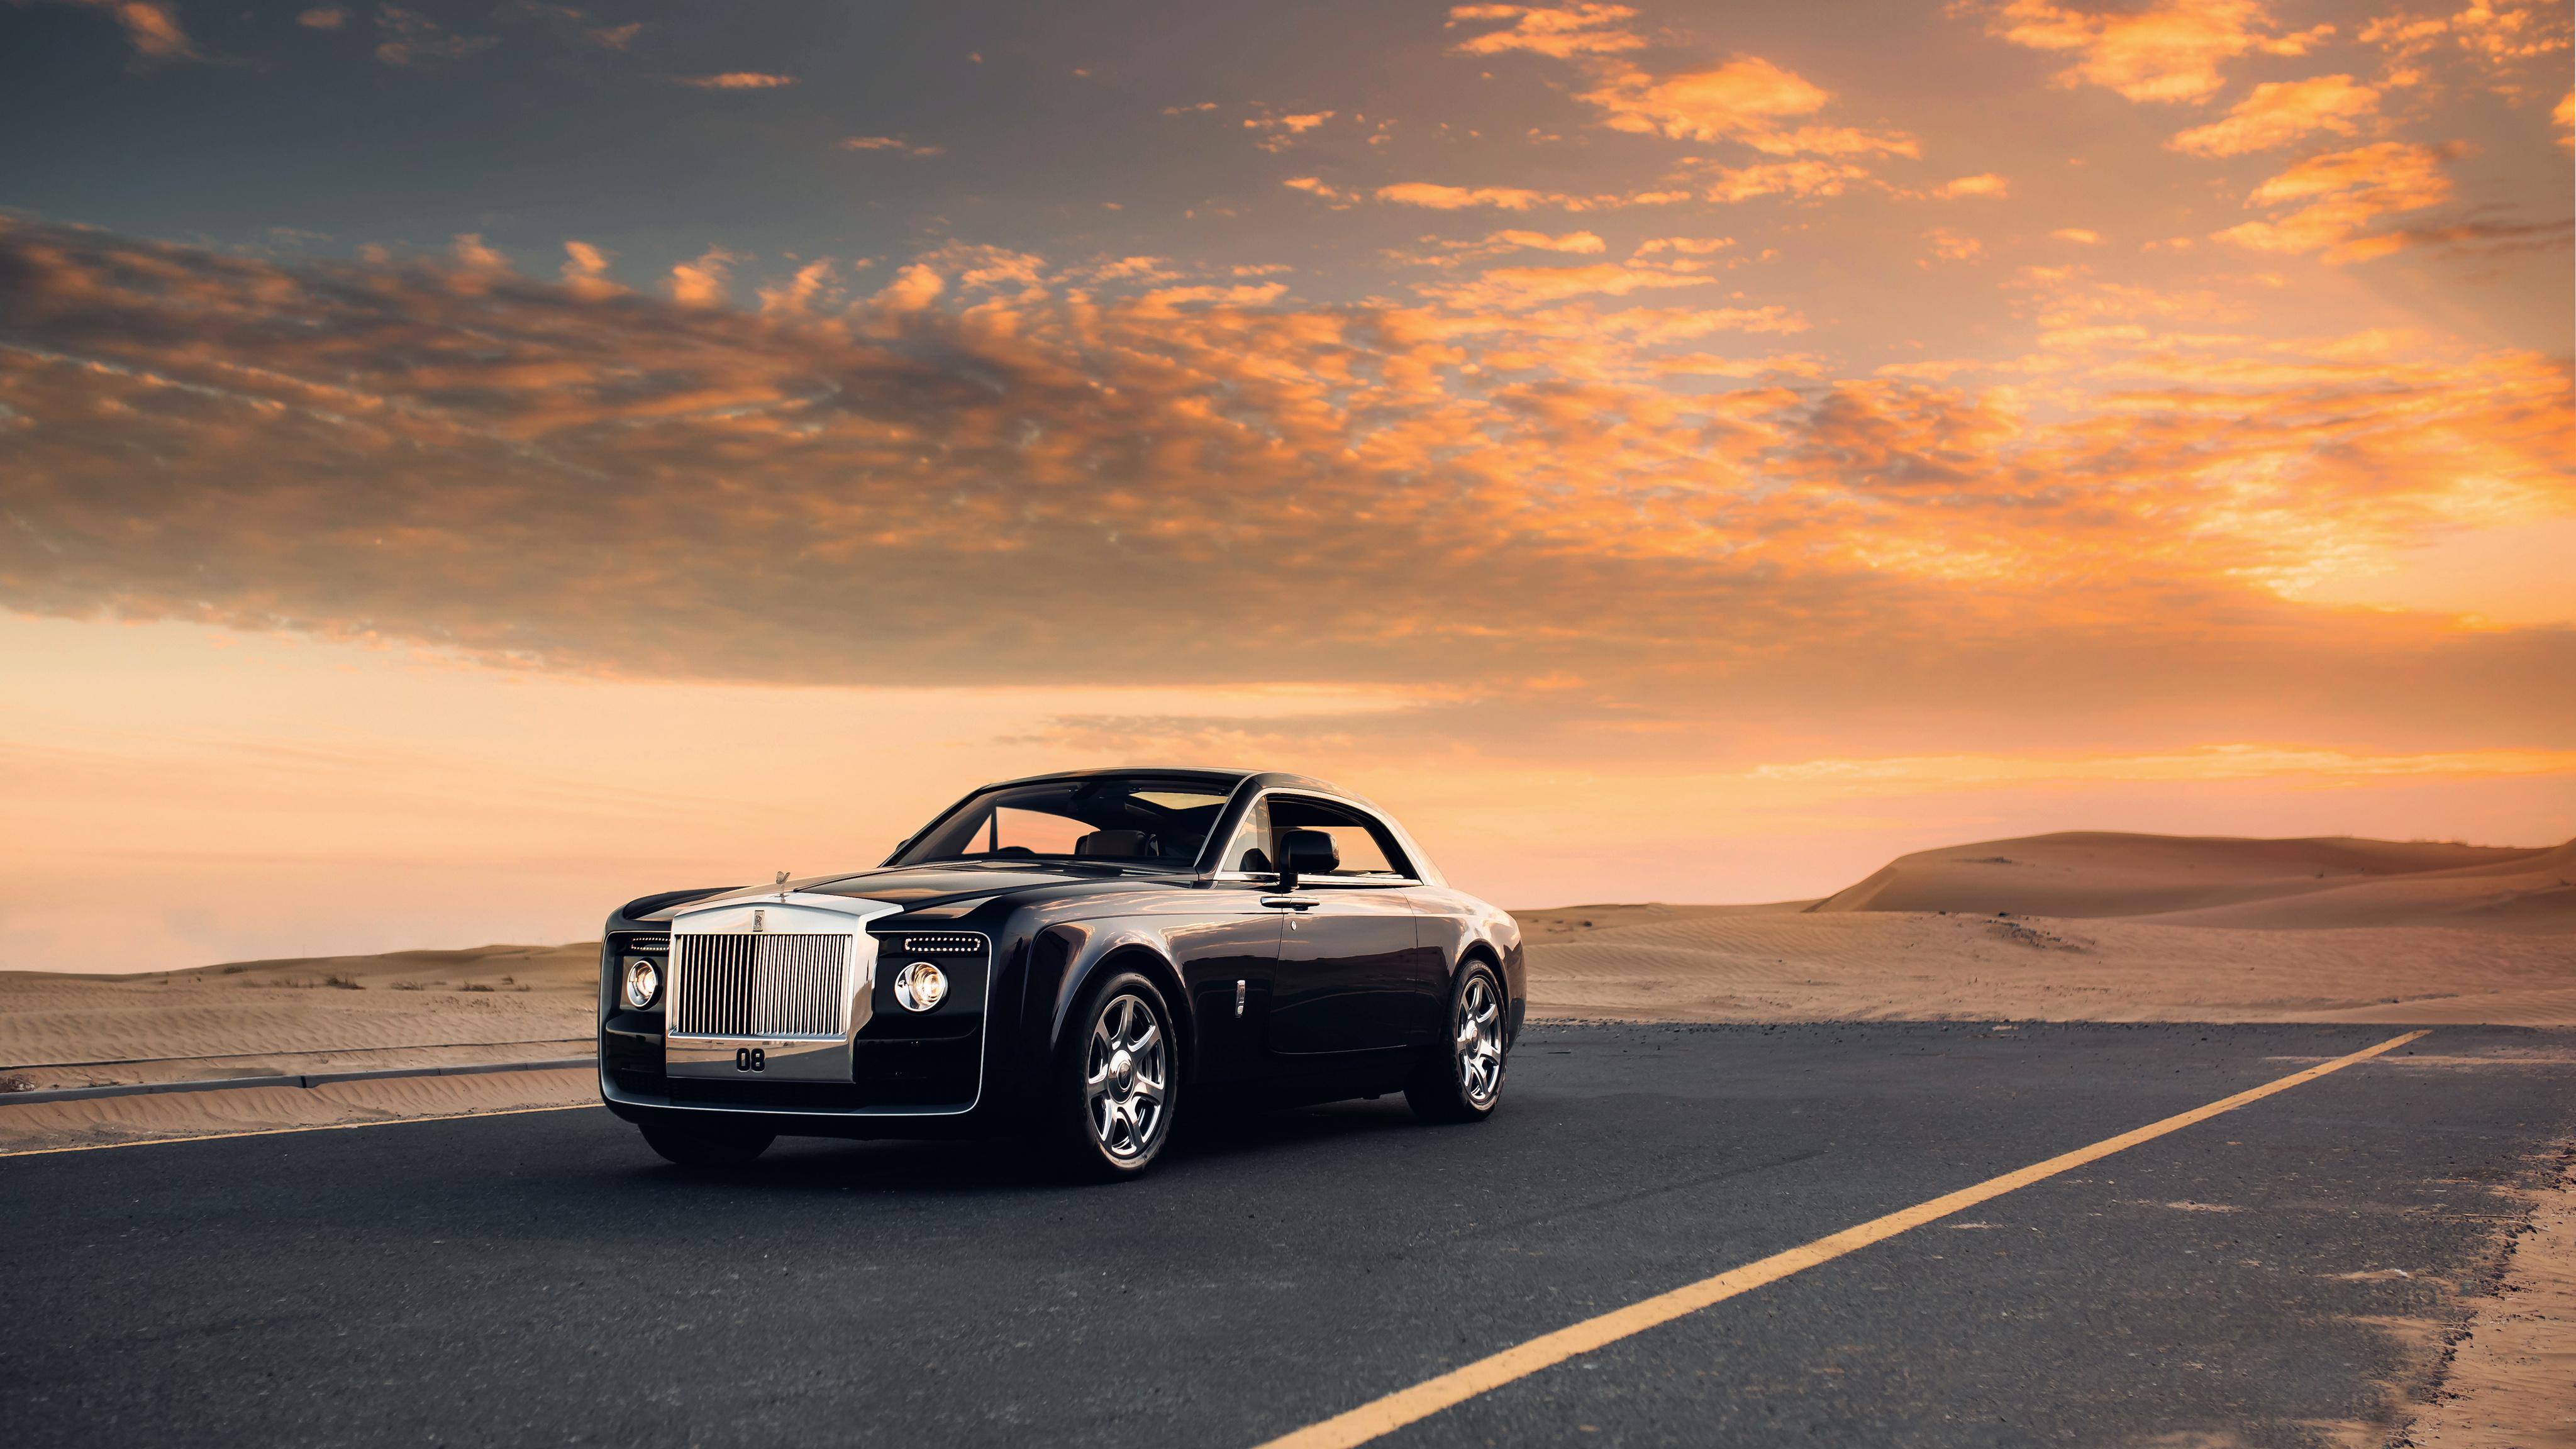 Rolls Royce Sweptail 4K 2 Wallpaper | HD Car Wallpapers ...